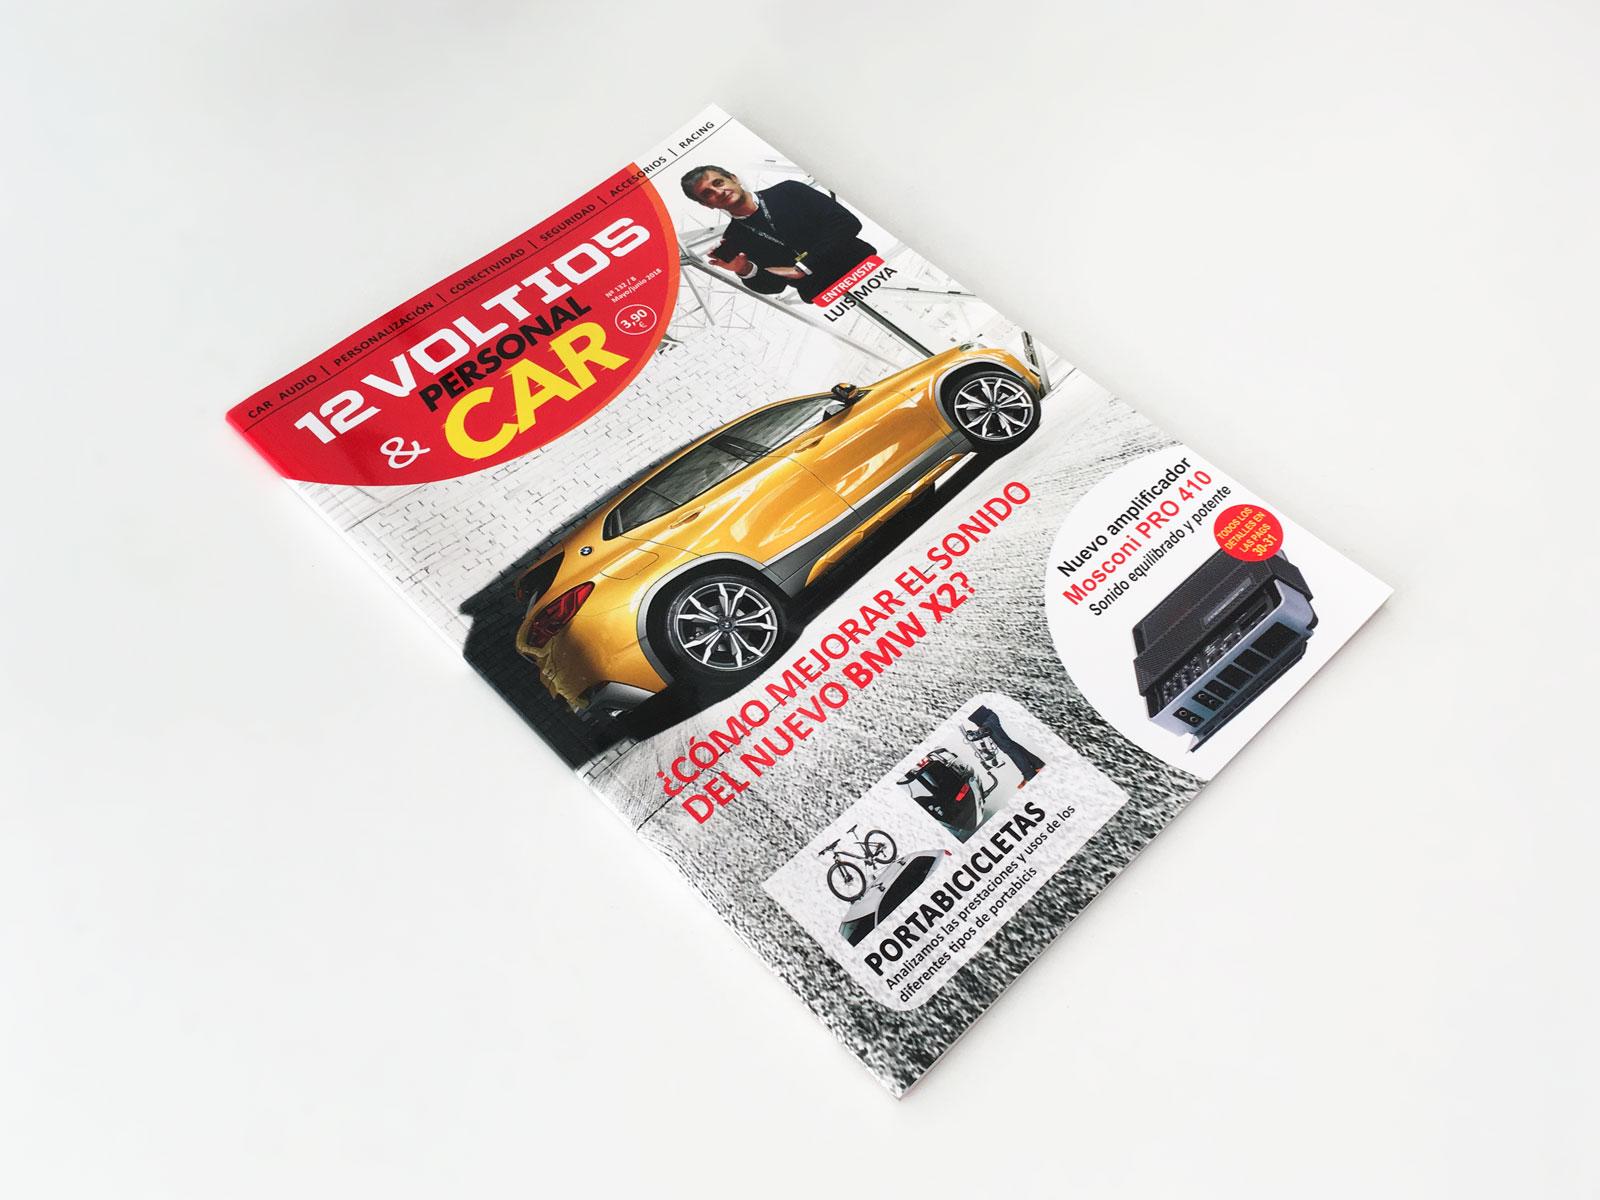 12 Voltios & Personal Car, la revista de car audio y aftermarket de alta calidad